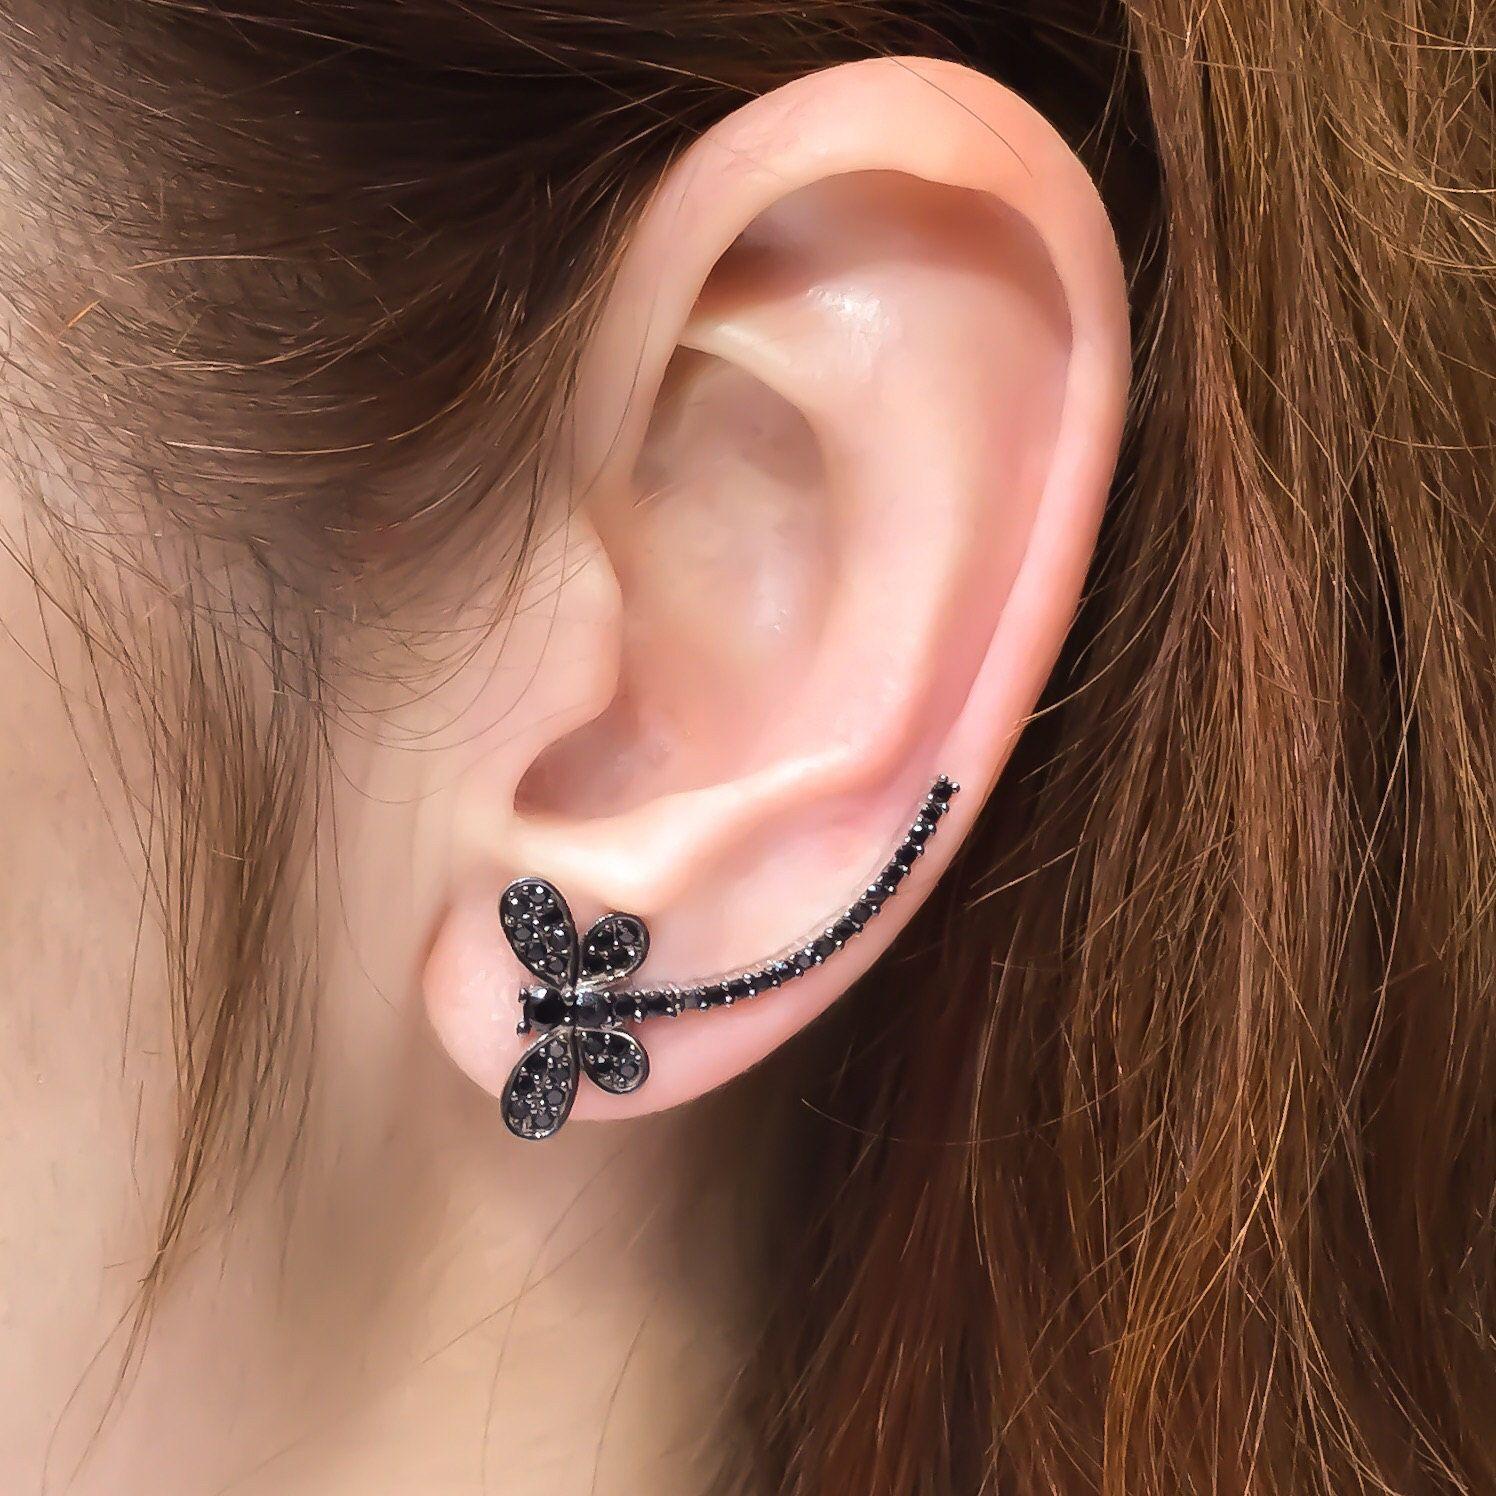 Ear Wrap Earrings Cuff Earrings Ear Climber earrings Black Earrings Ear Climber silver Ear Pins Black Ear Cuff Ear Crawler 0078EM